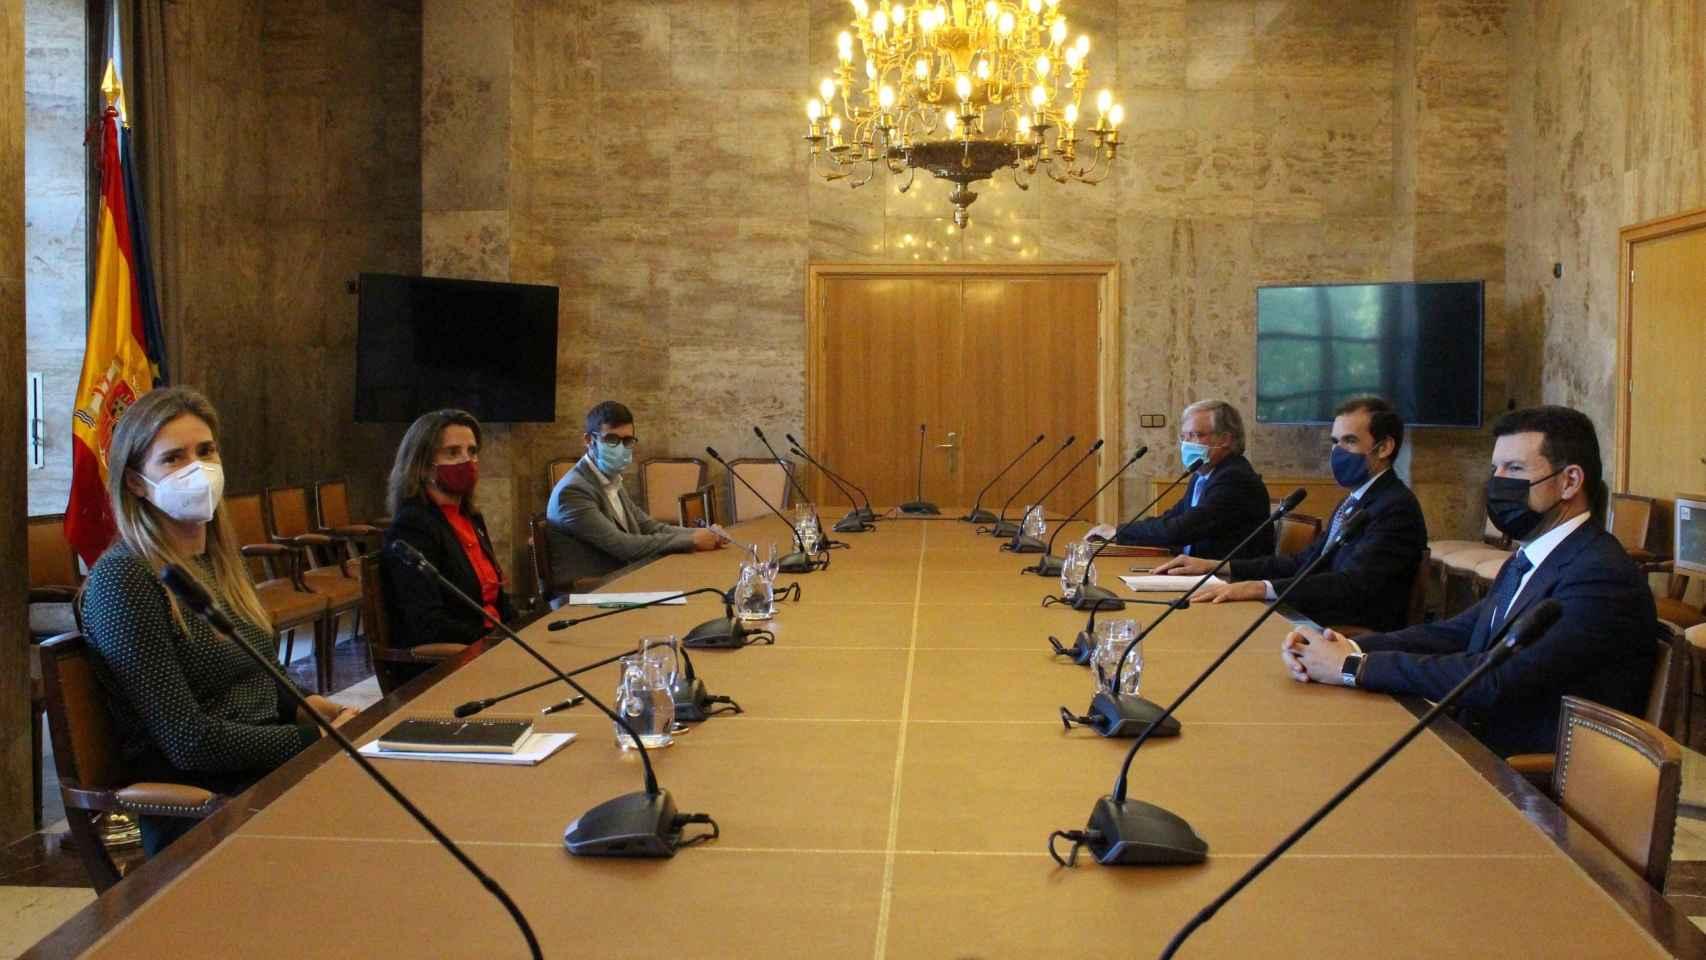 La fotovoltaica presenta a Ribera su Estrategia Industrial  para impulsar la economía